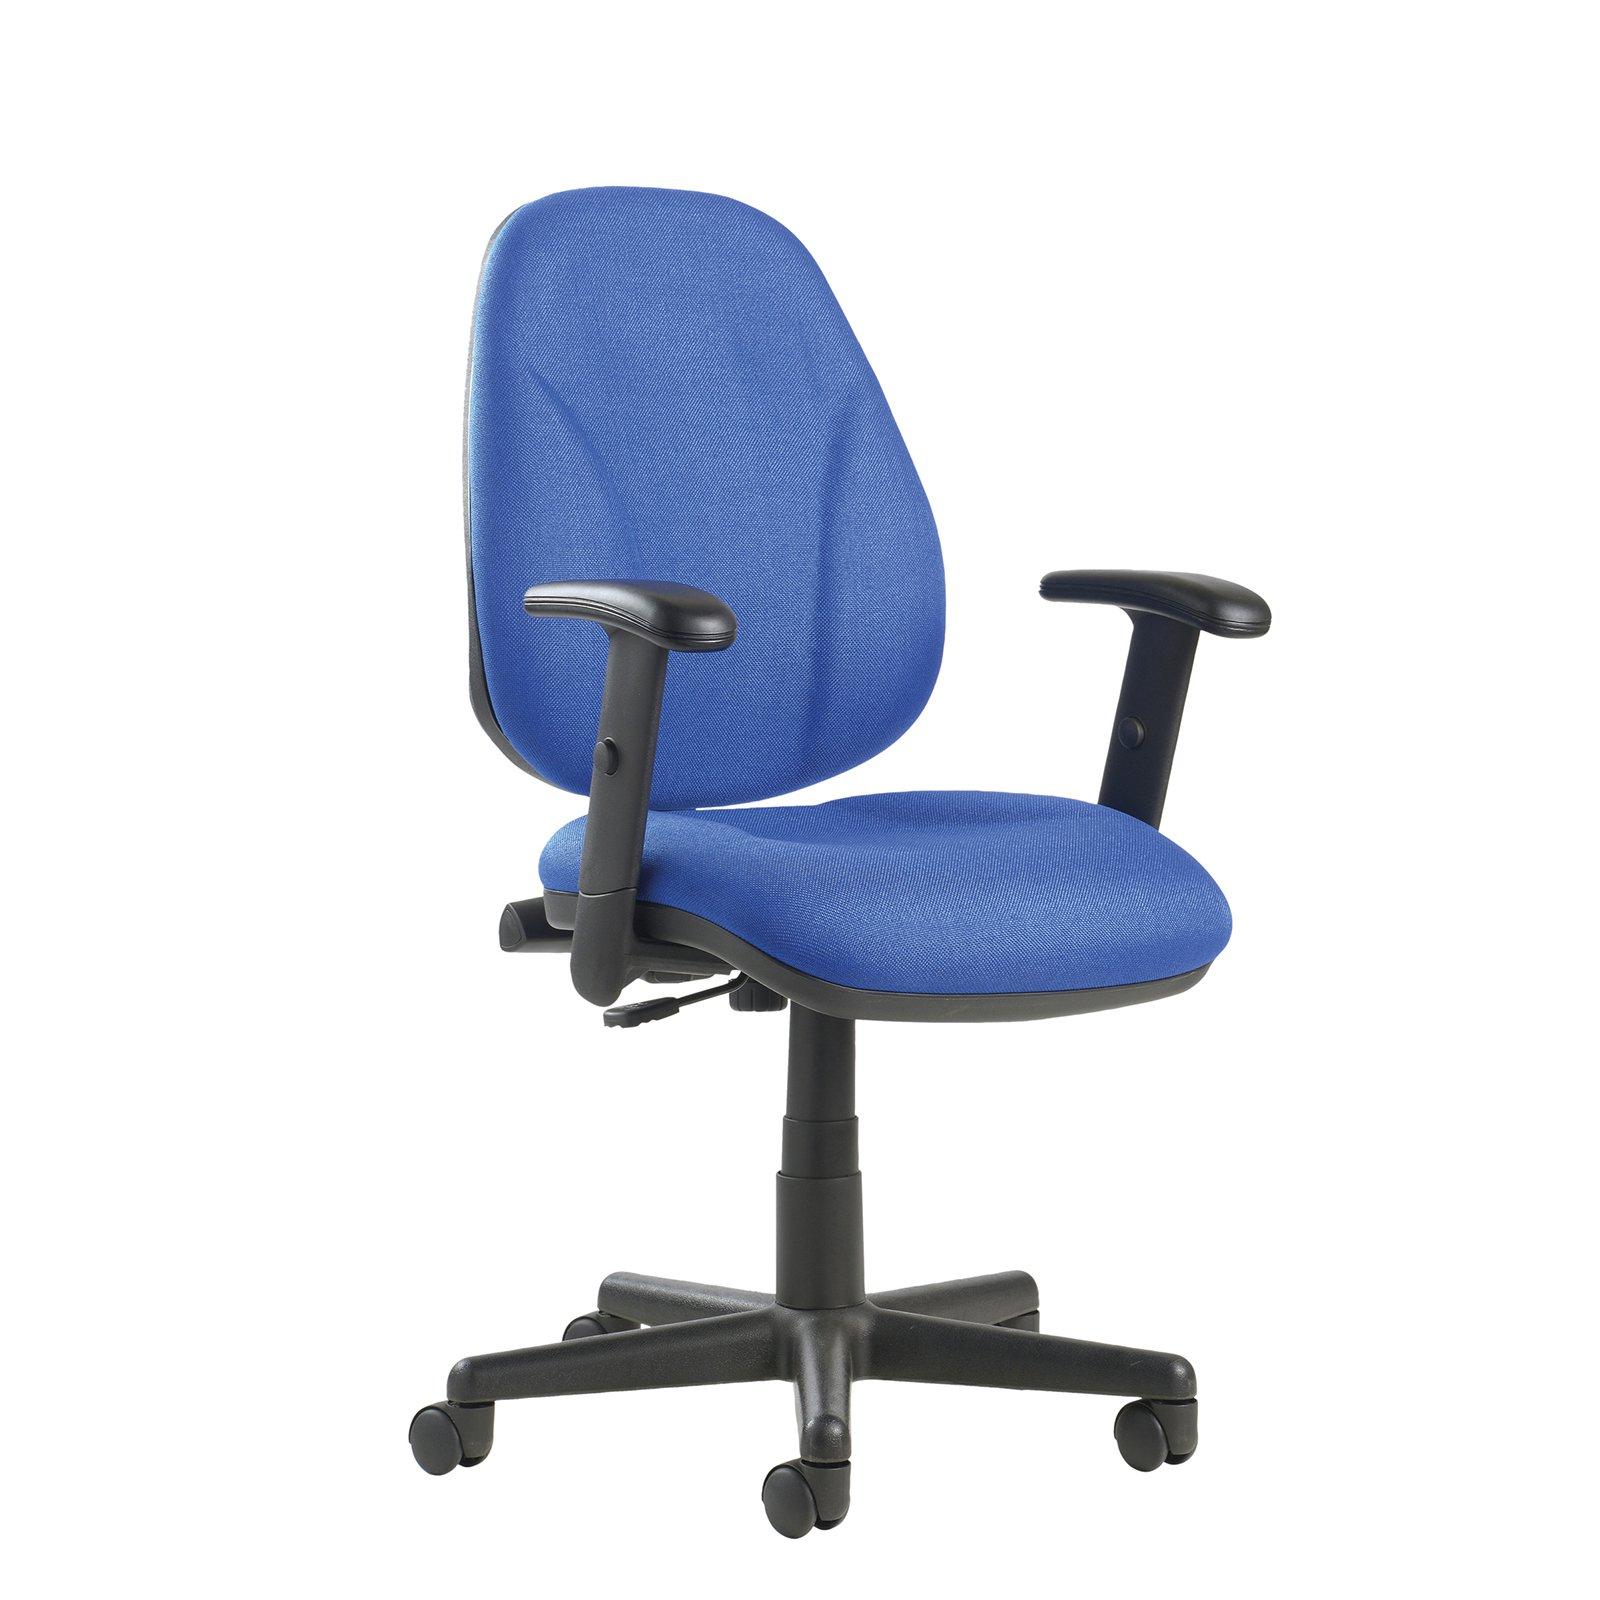 Furniture & Seating